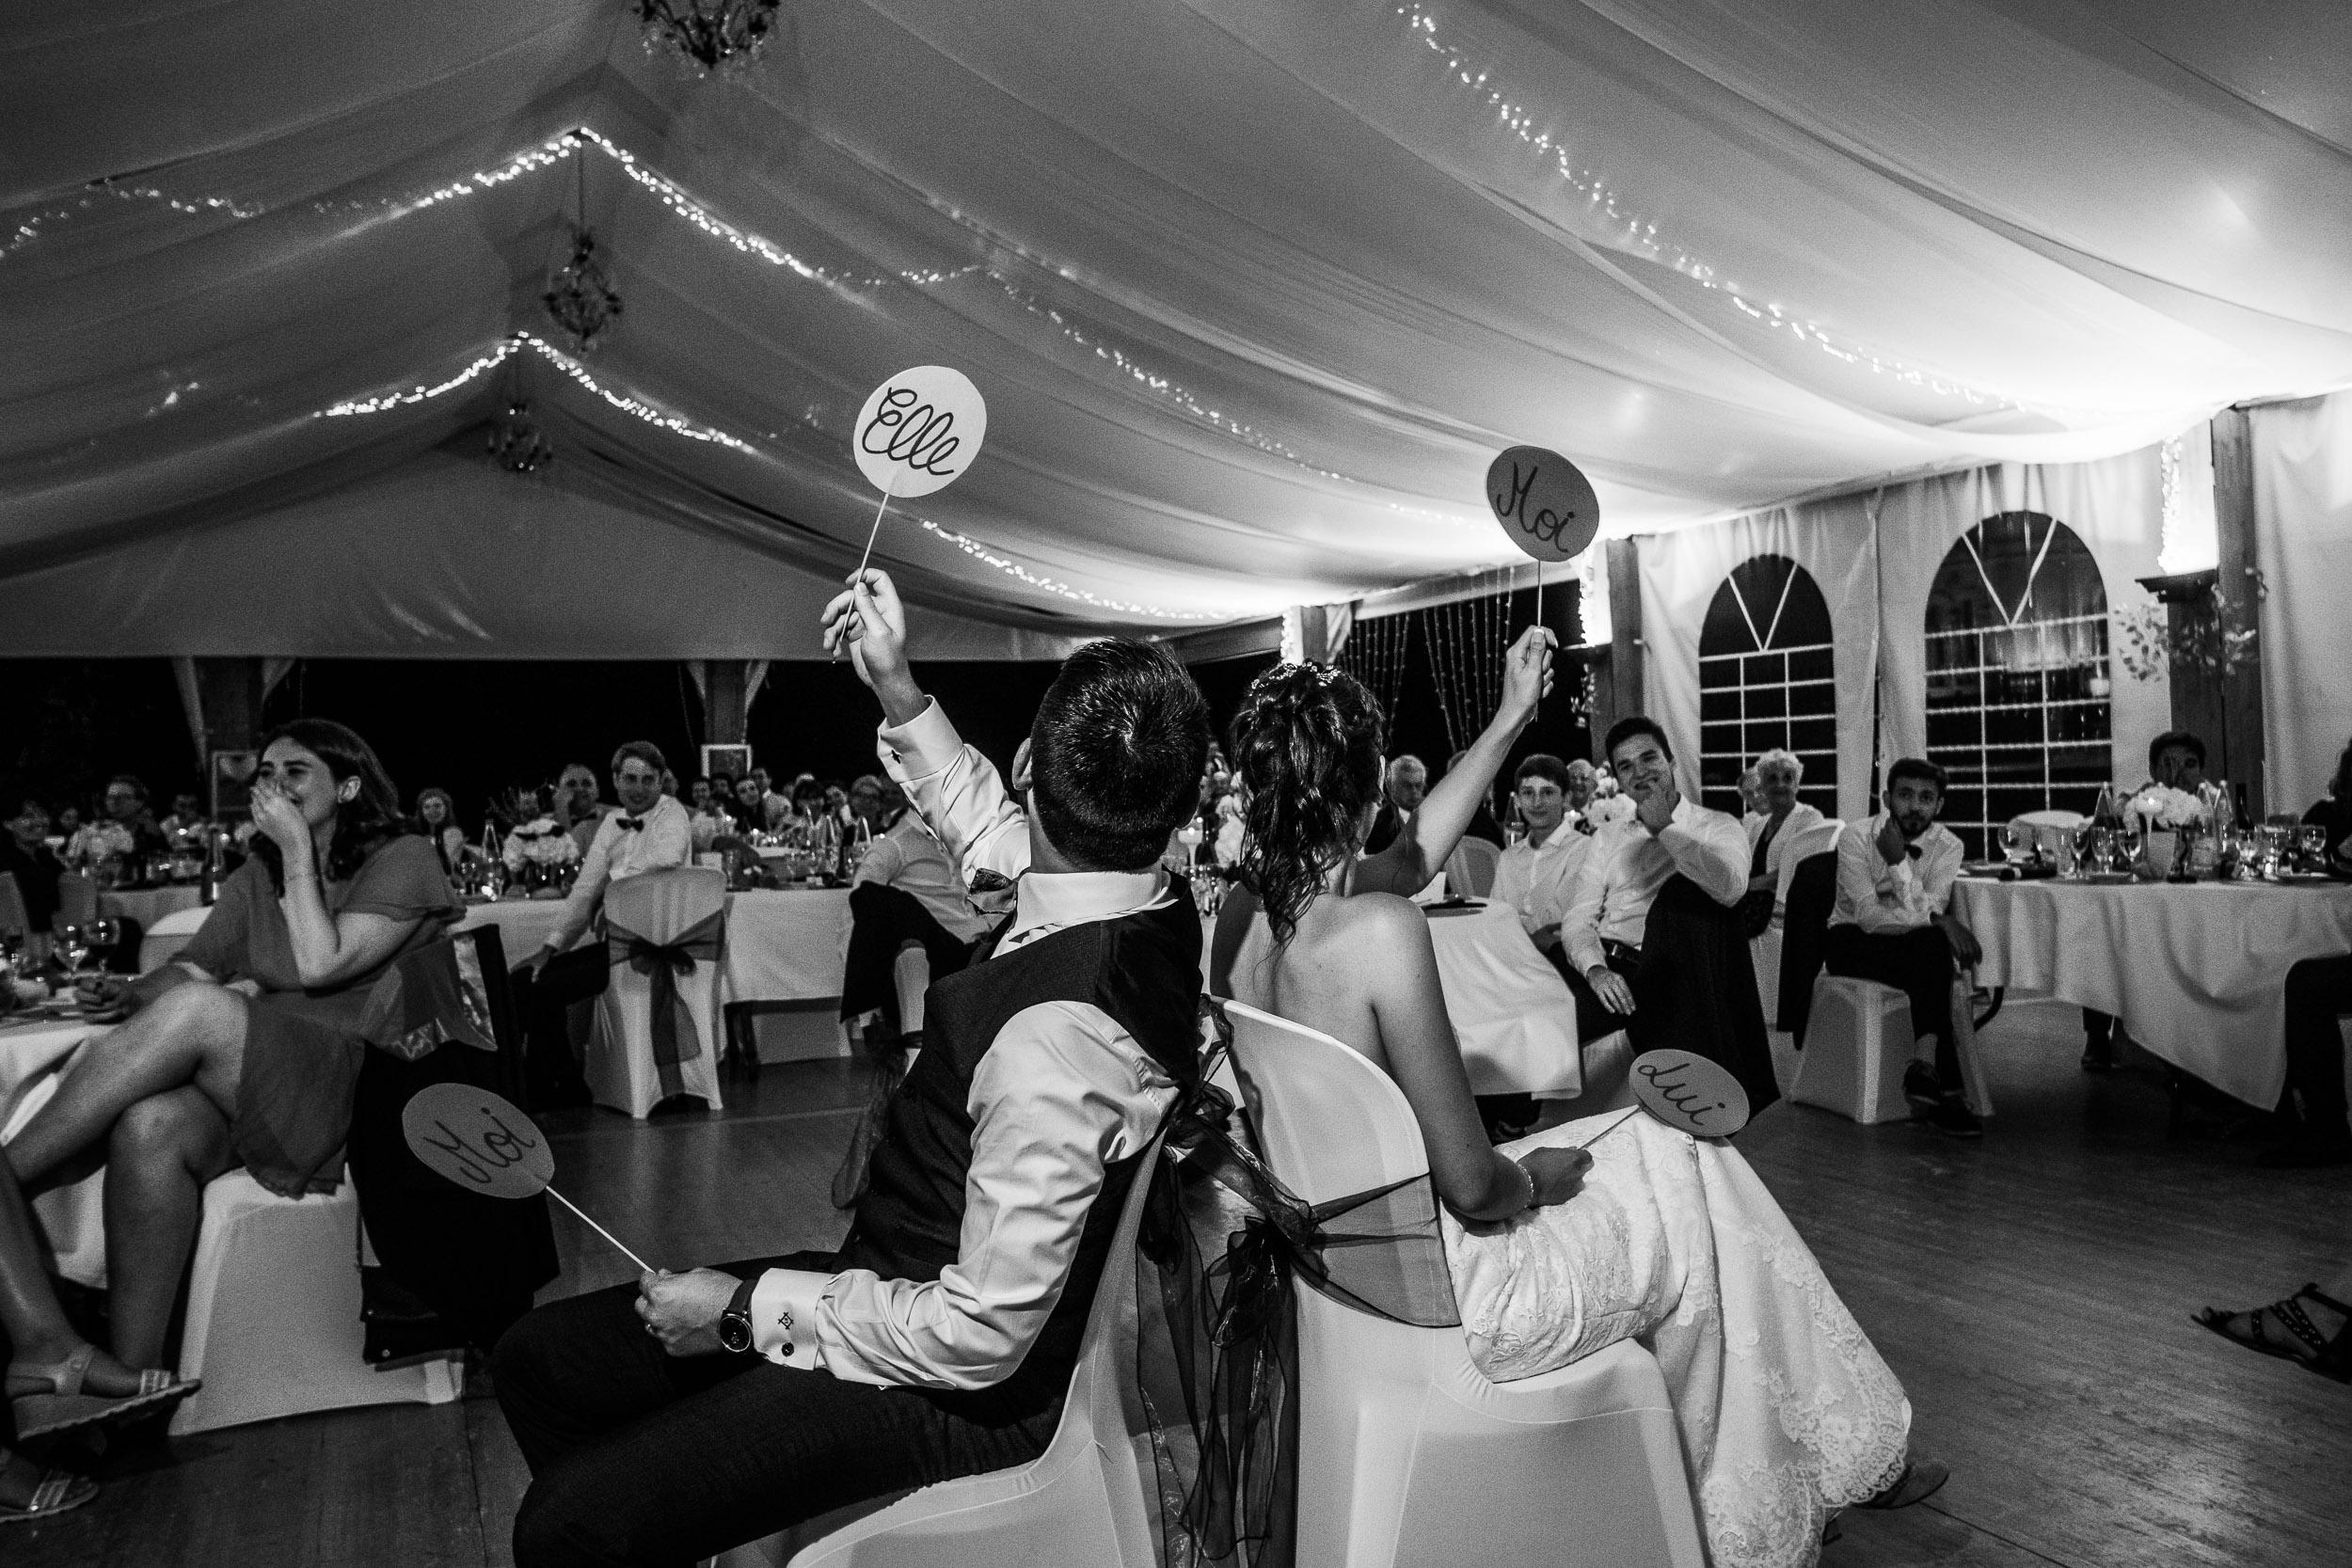 gerald-mattel-photographe-mariage-chateau-nety-13.jpg